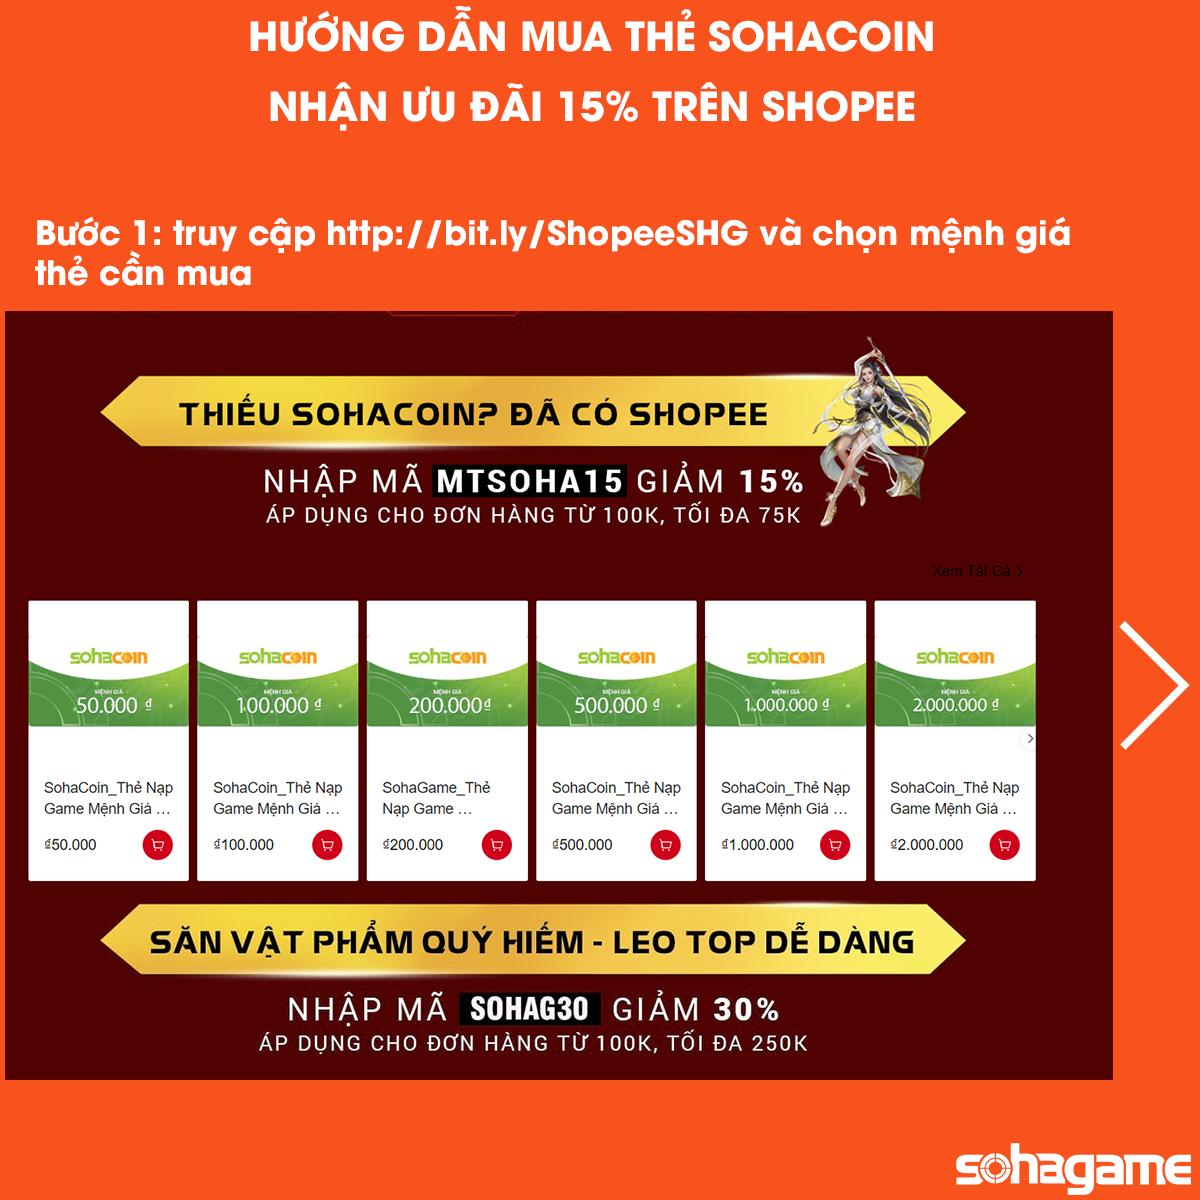 [SỰ KIỆN] KHUYẾN MÃI ĐẶC BIỆT - GIẢM 15% KHI MUA THẺ SOHACOIN TRÊN SHOPEE - 3